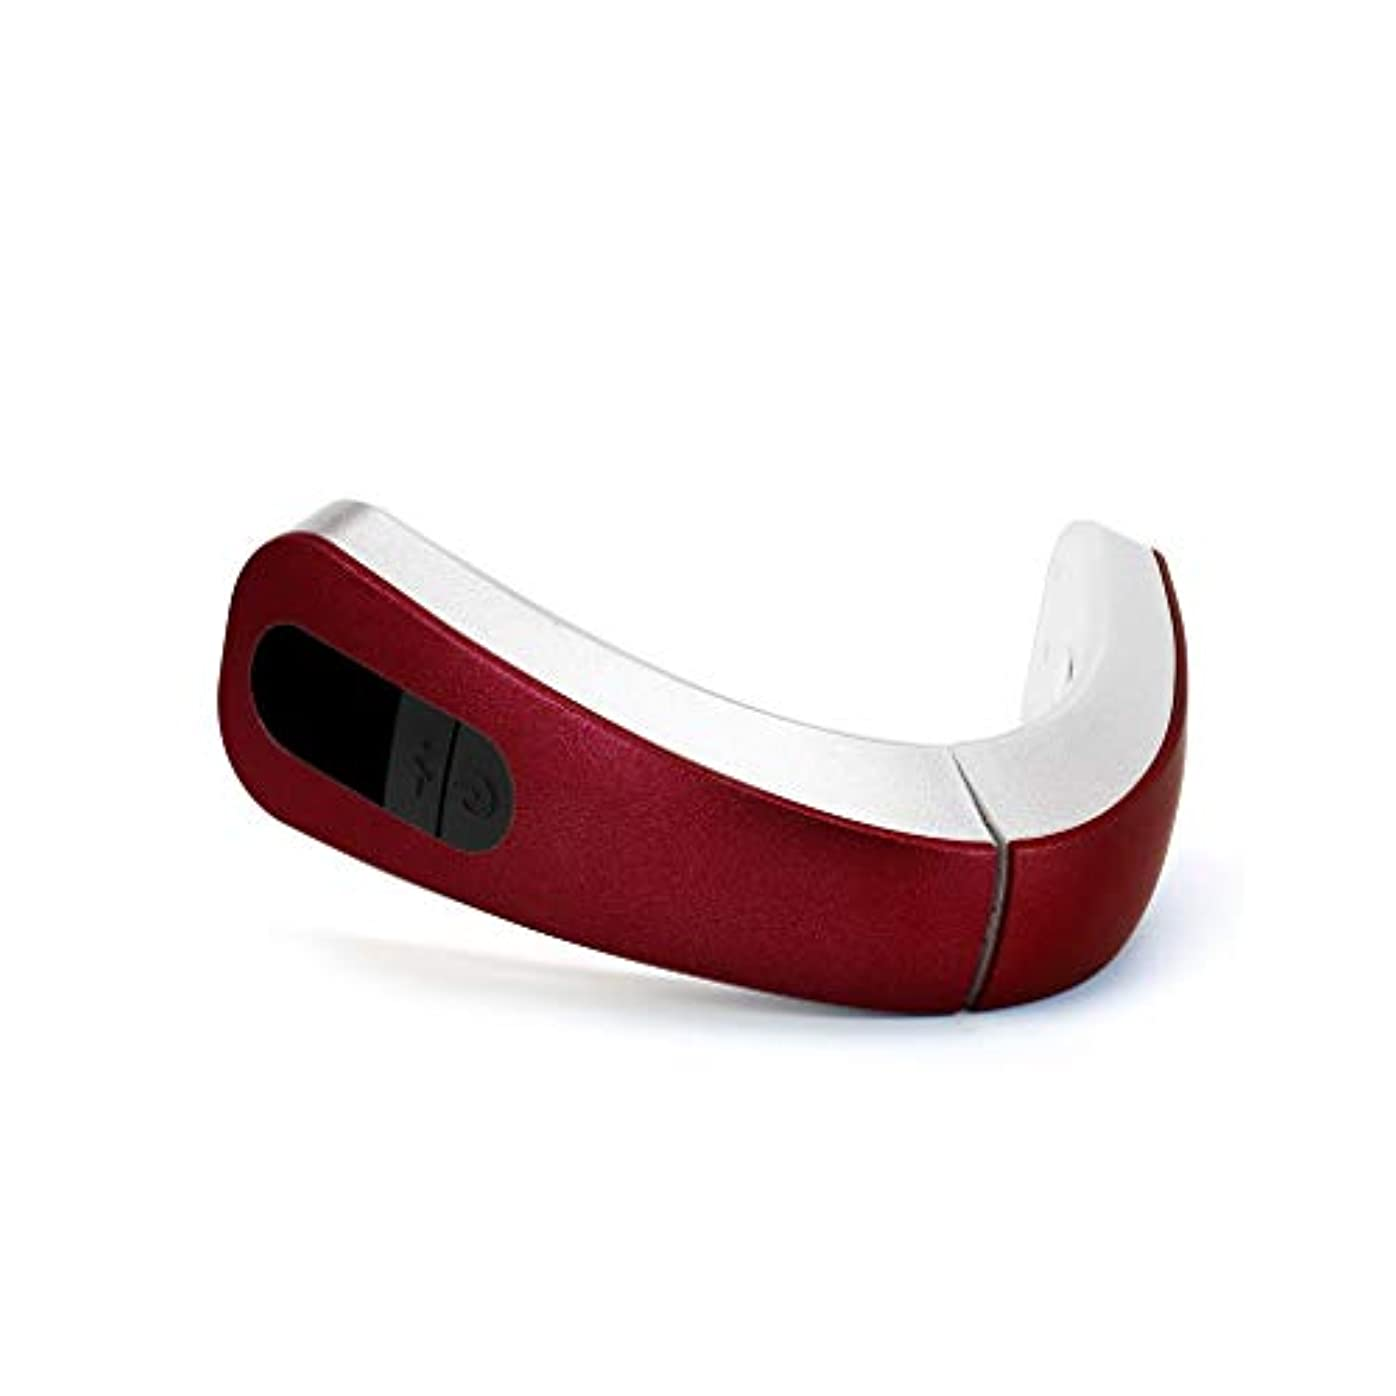 否定する慣れている練るリフティングフェイシャル、電気マッサージ美容器具、リフティングファーミングファットディゾルビングシンフェイスシンダブルチンシンフェイス、4つのマッサージモードがあります (Color : Red)